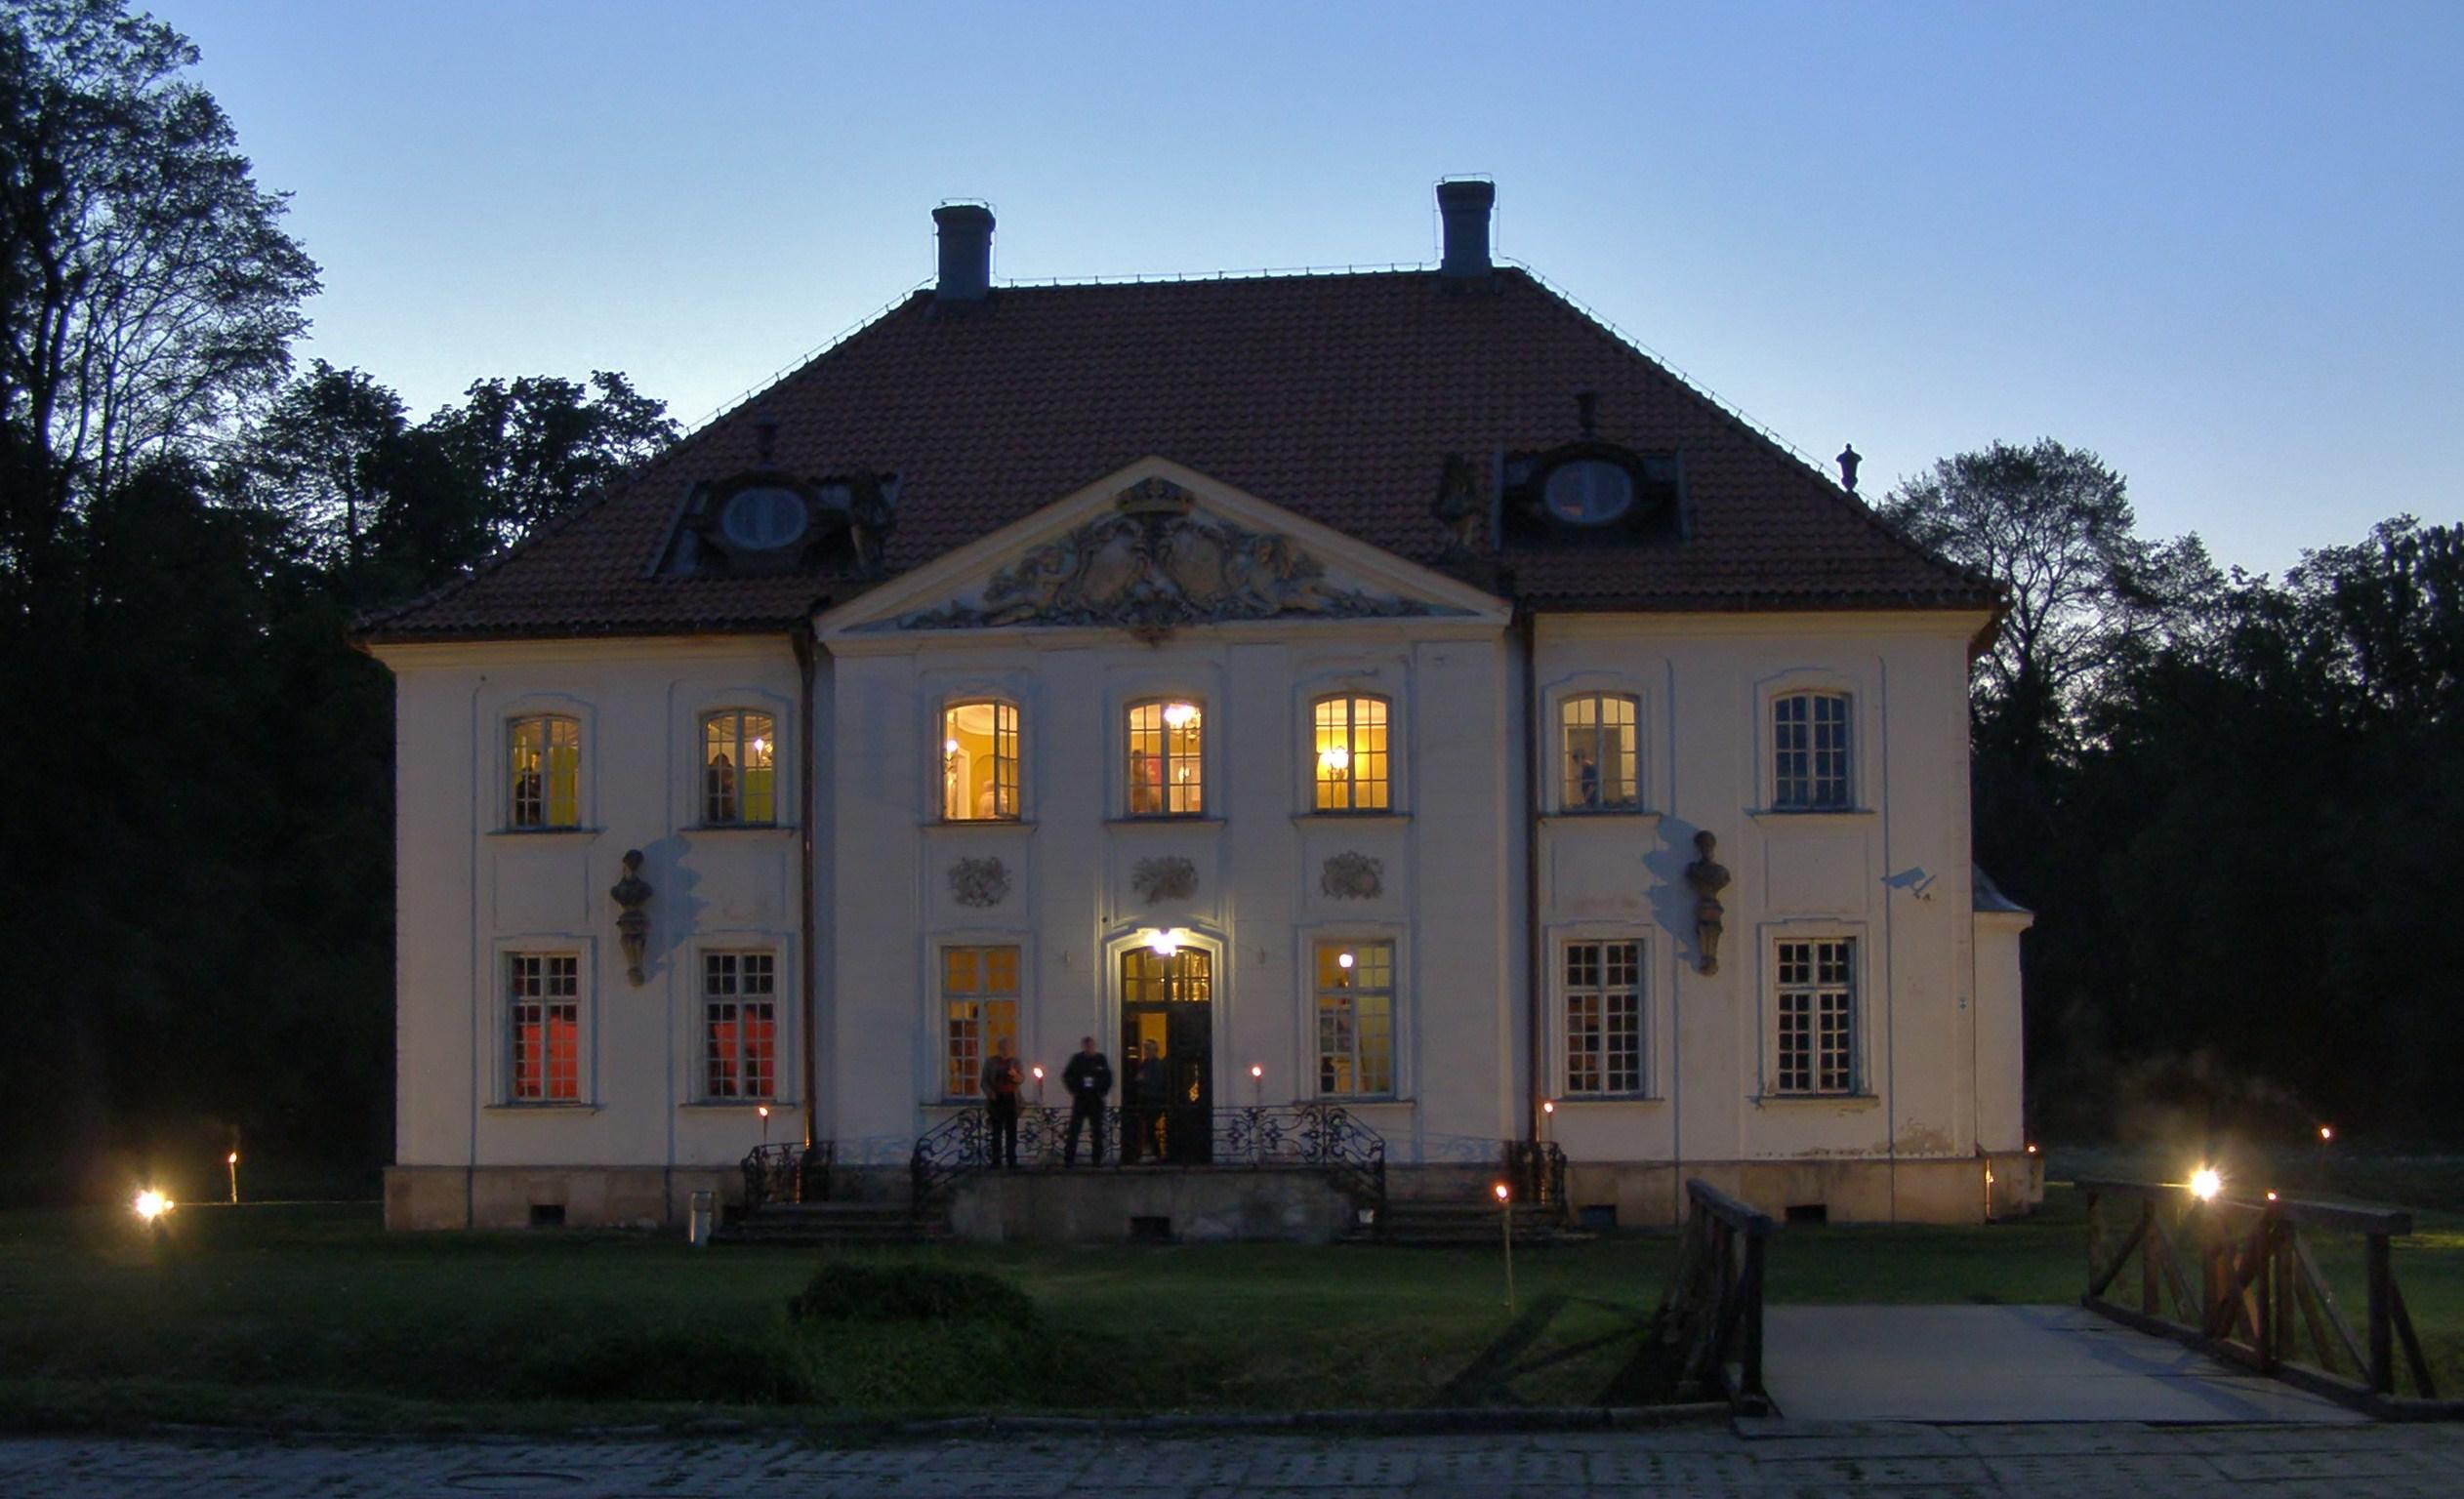 https://news.choroszcz.pl/wp-content/uploads/2012/05/2012.05.19.-Choroszcz.-Fot.-W.-Cymbalisty-148.jpg